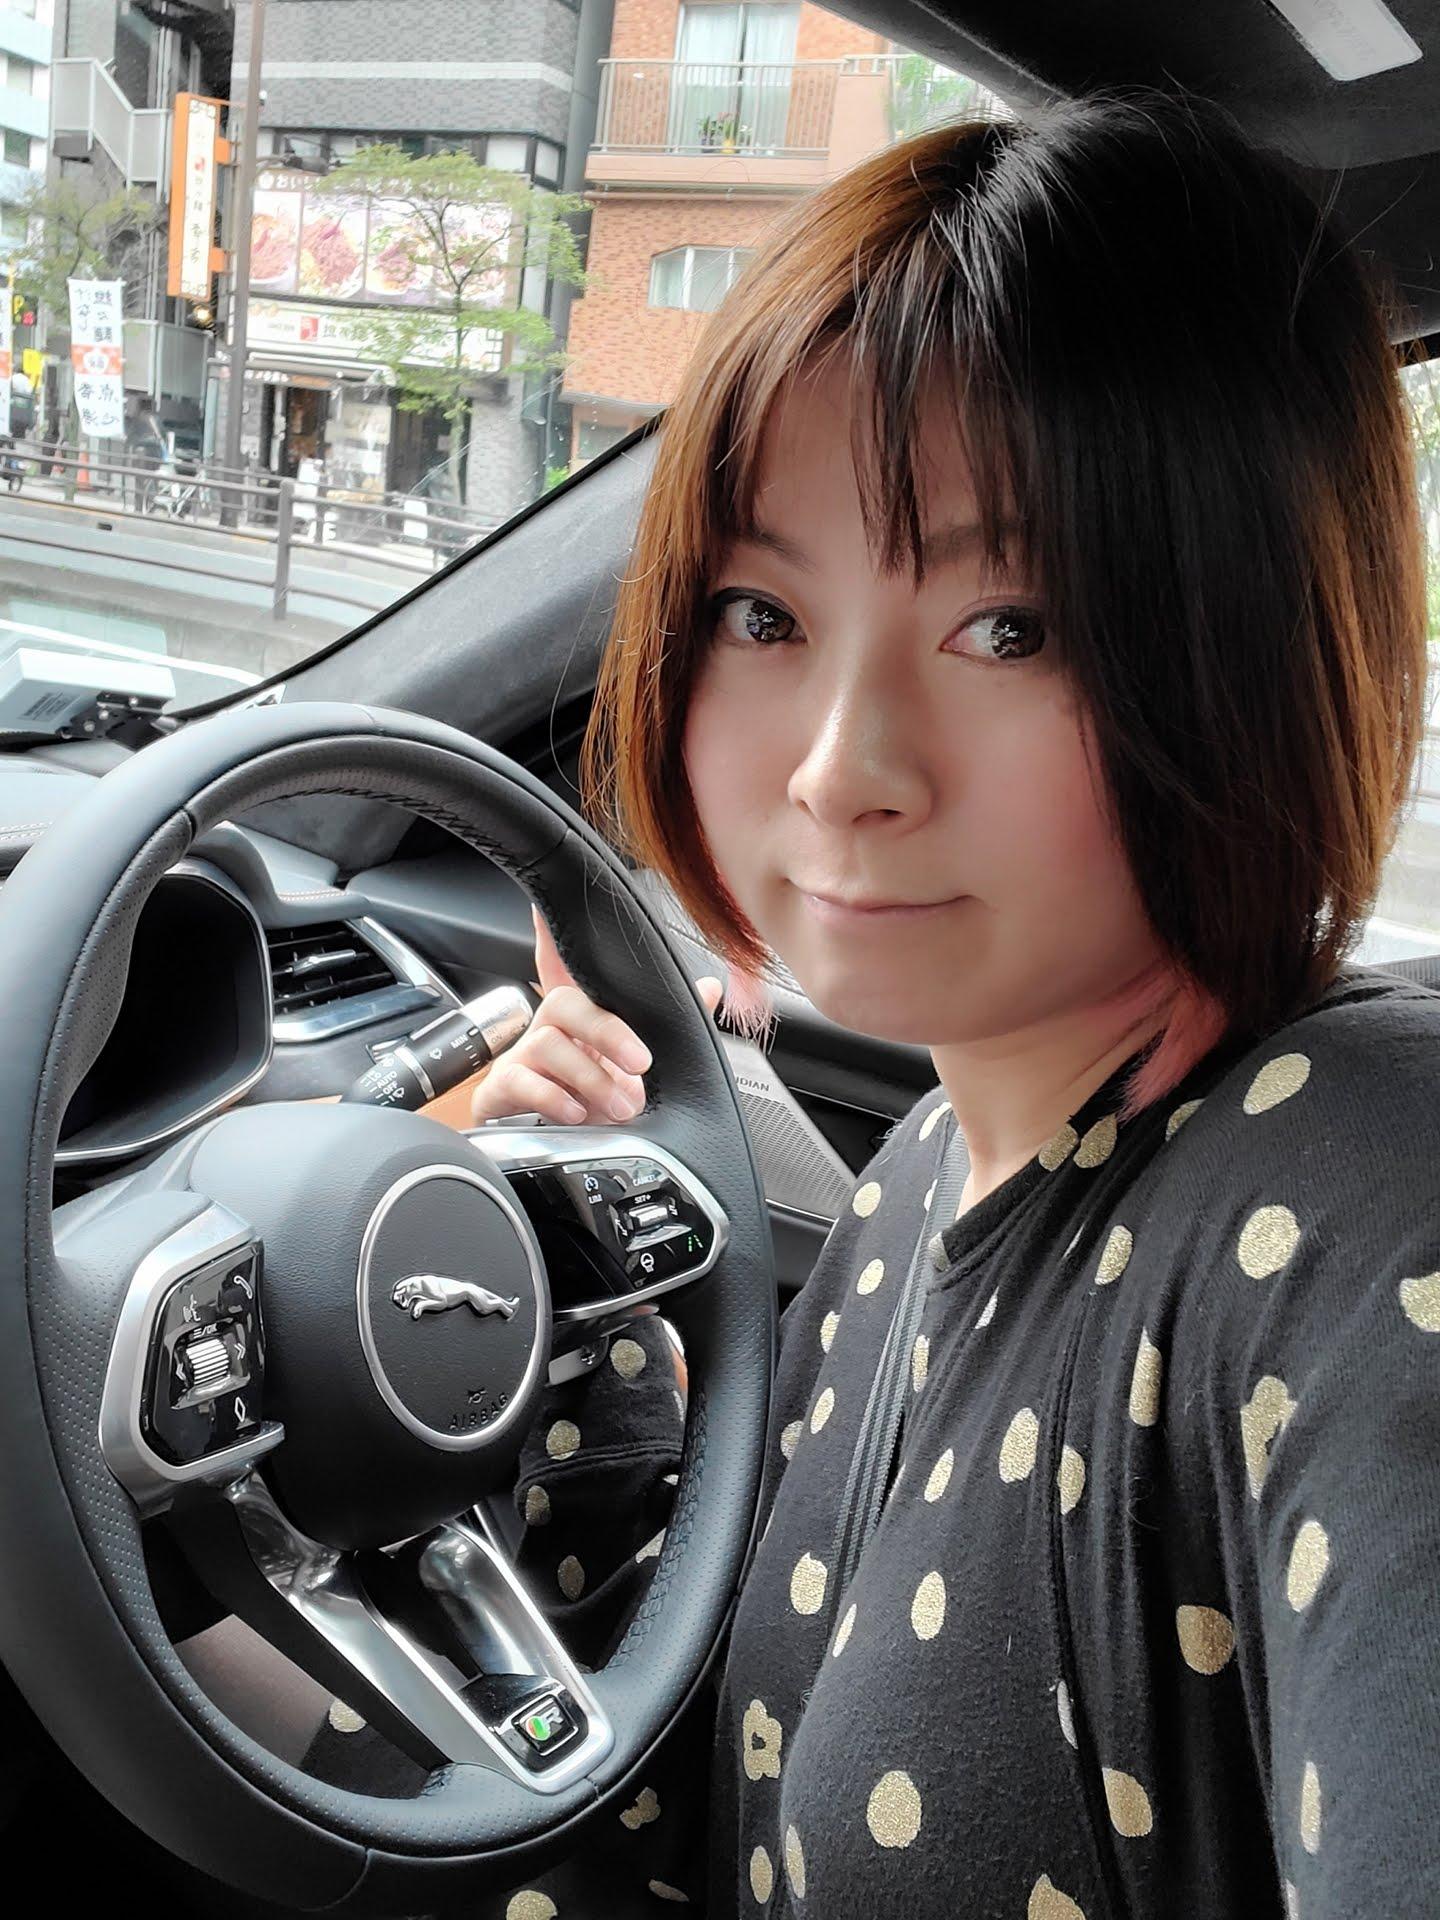 ジャガーのSUV「F-PACE」で優雅かつラグジュアリーなドライブを